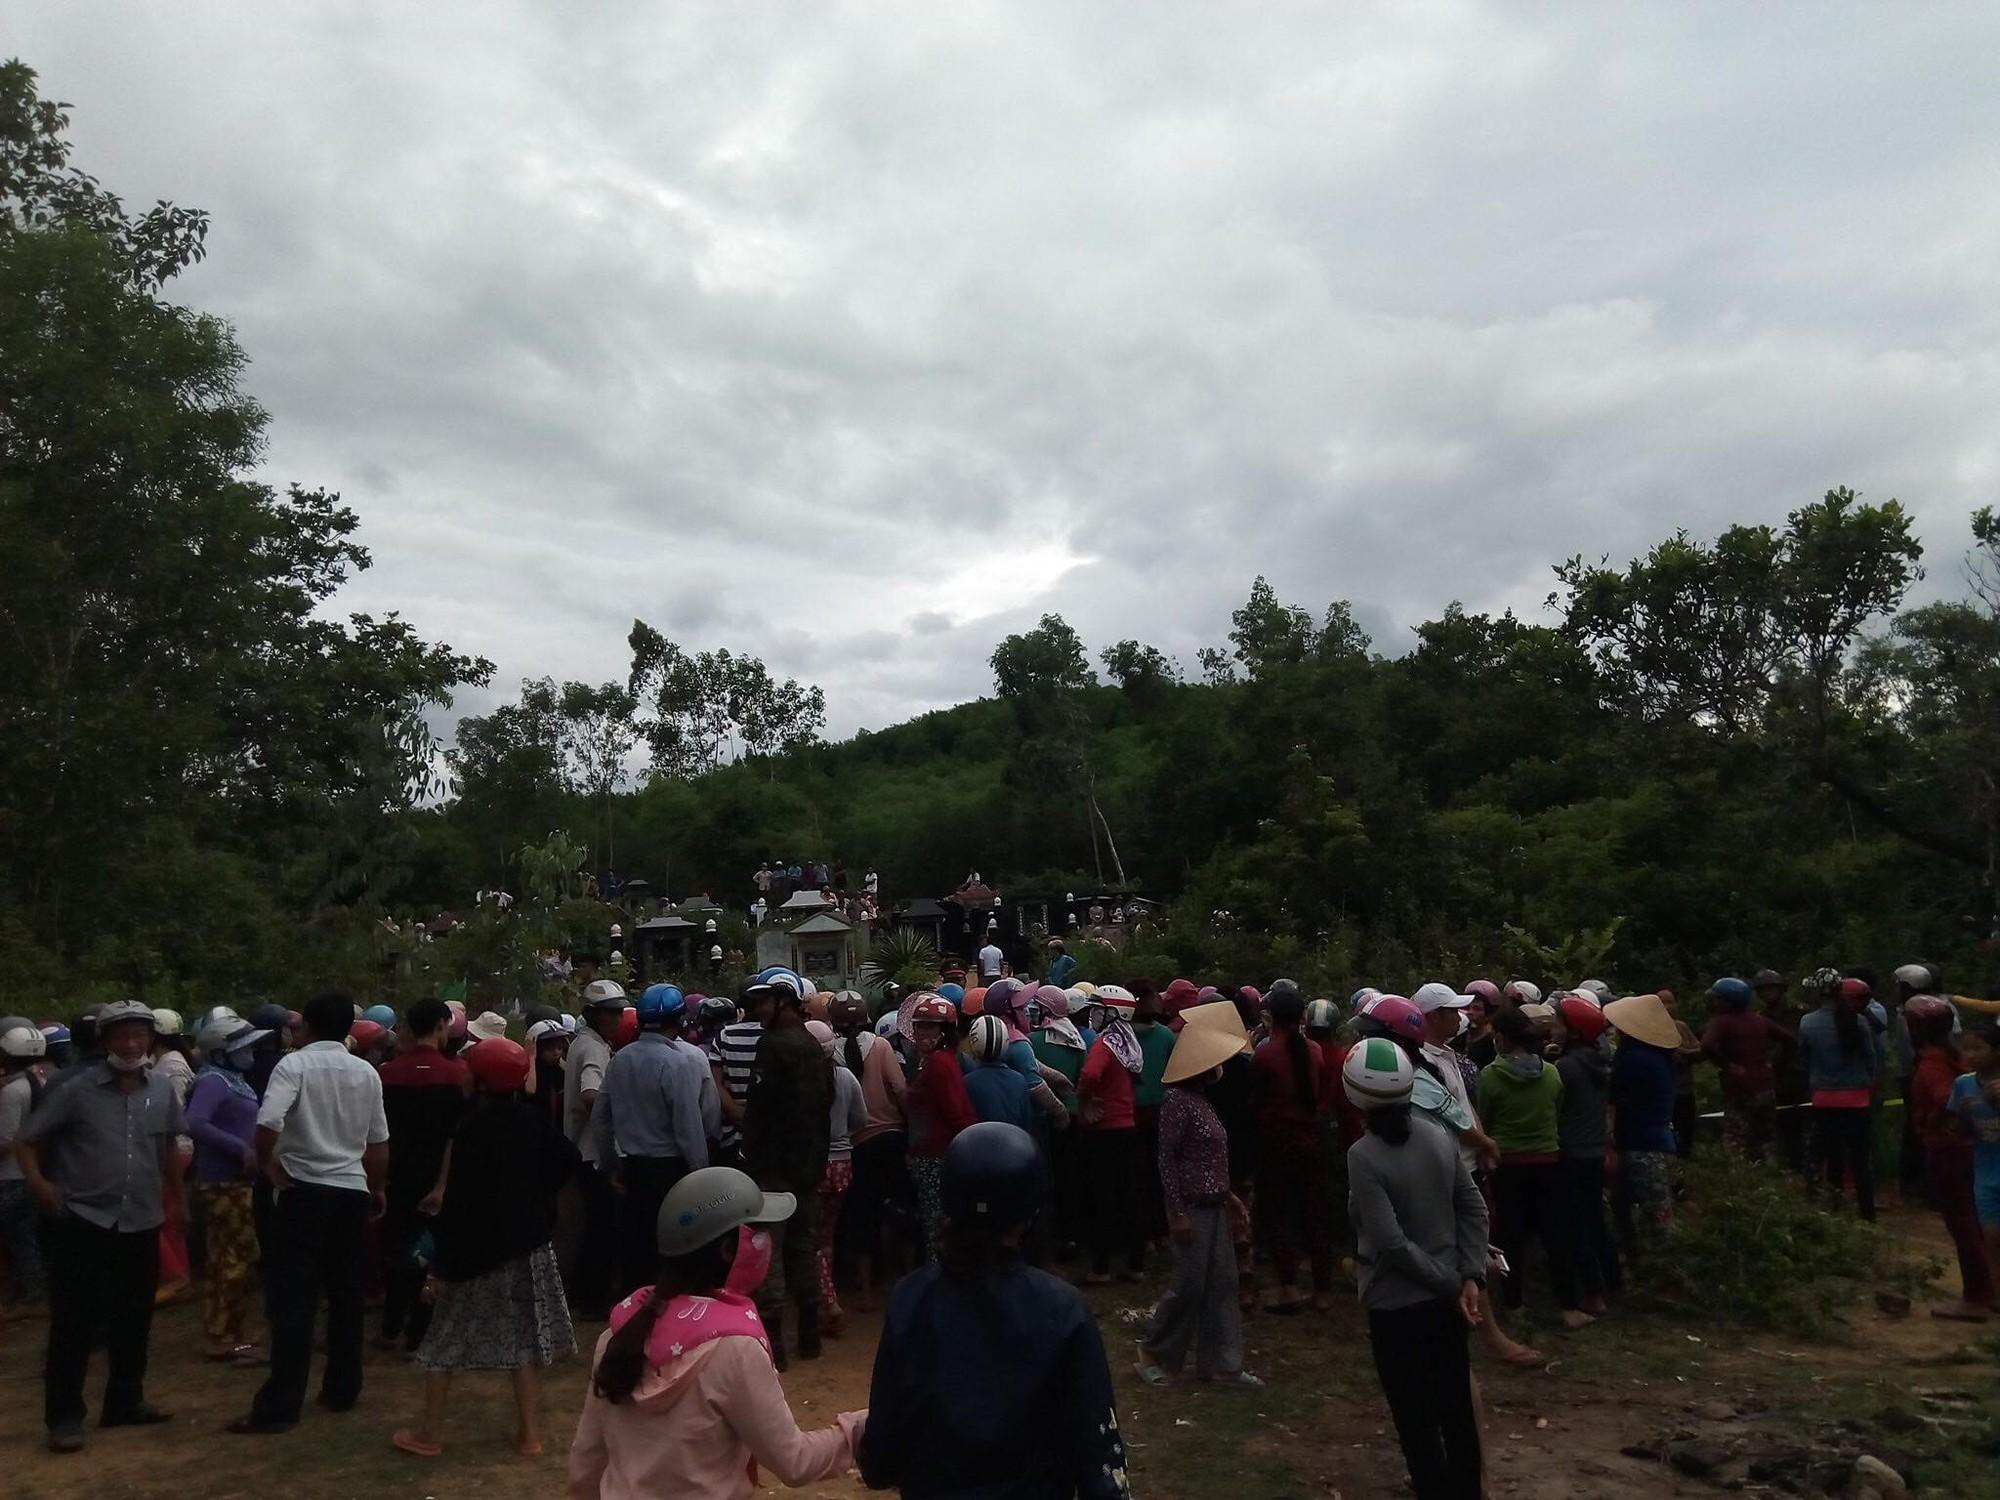 Hiện trường thảm án kinh hoàng 3 người tử vong nghi bị sát hại trong nghĩa địa ở Bình Định - Ảnh 4.